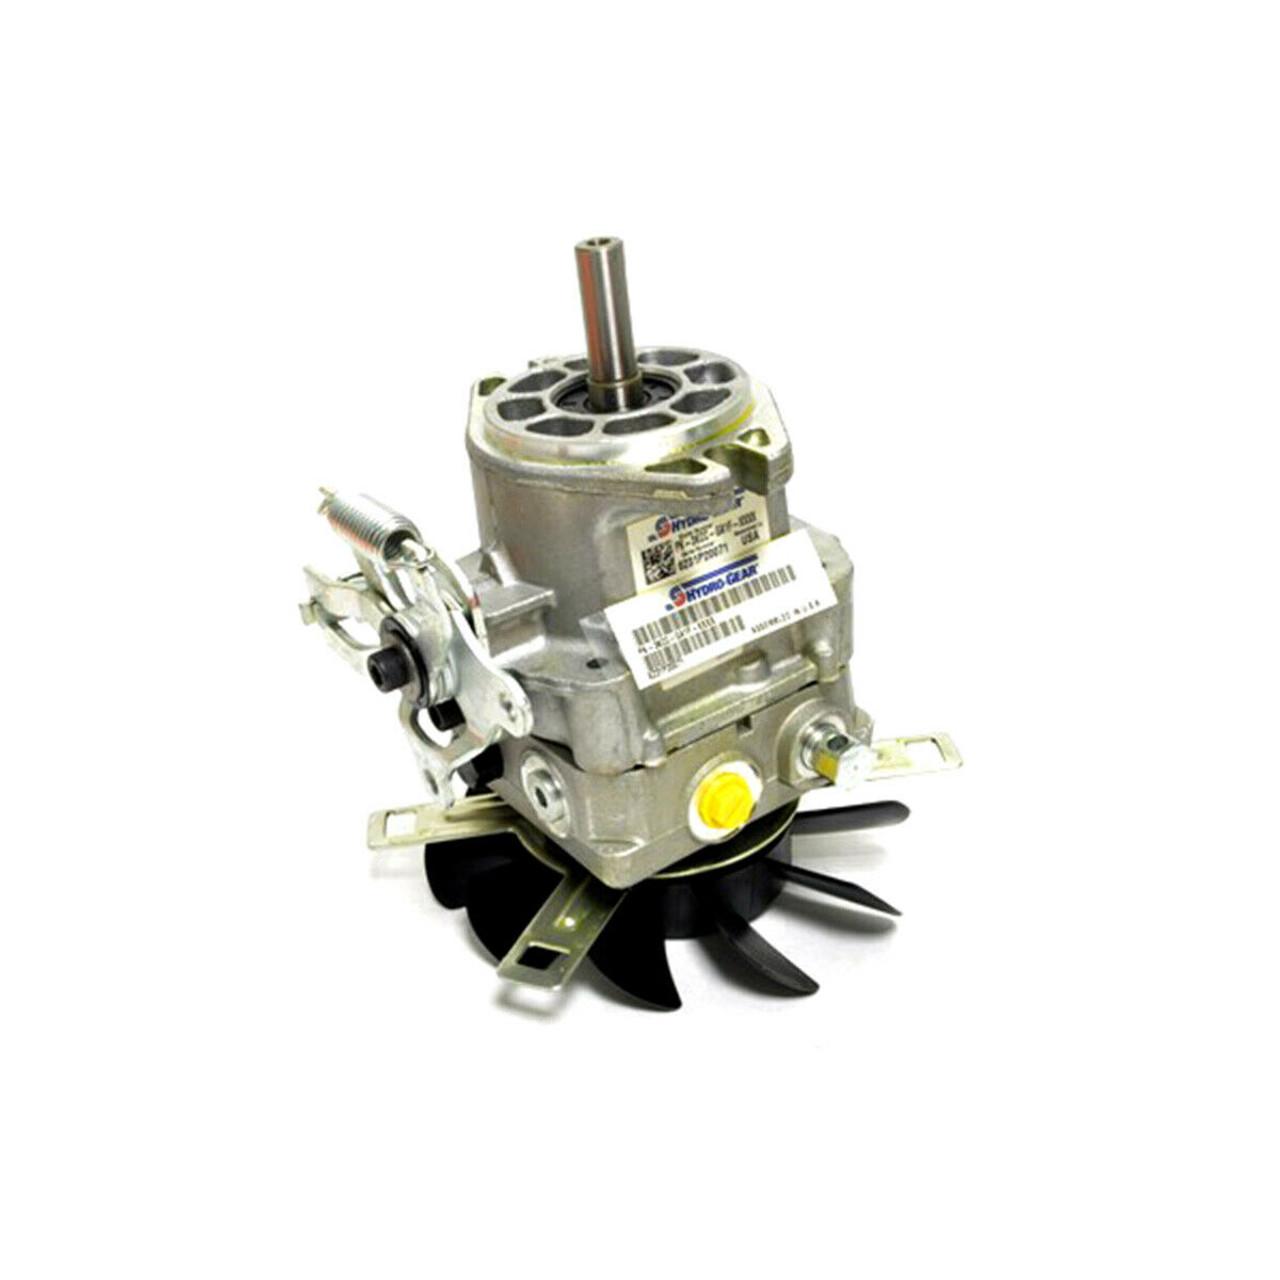 SCAG Genuine OEM Hydrogear Pump with Fan (RH) 12CC 485574